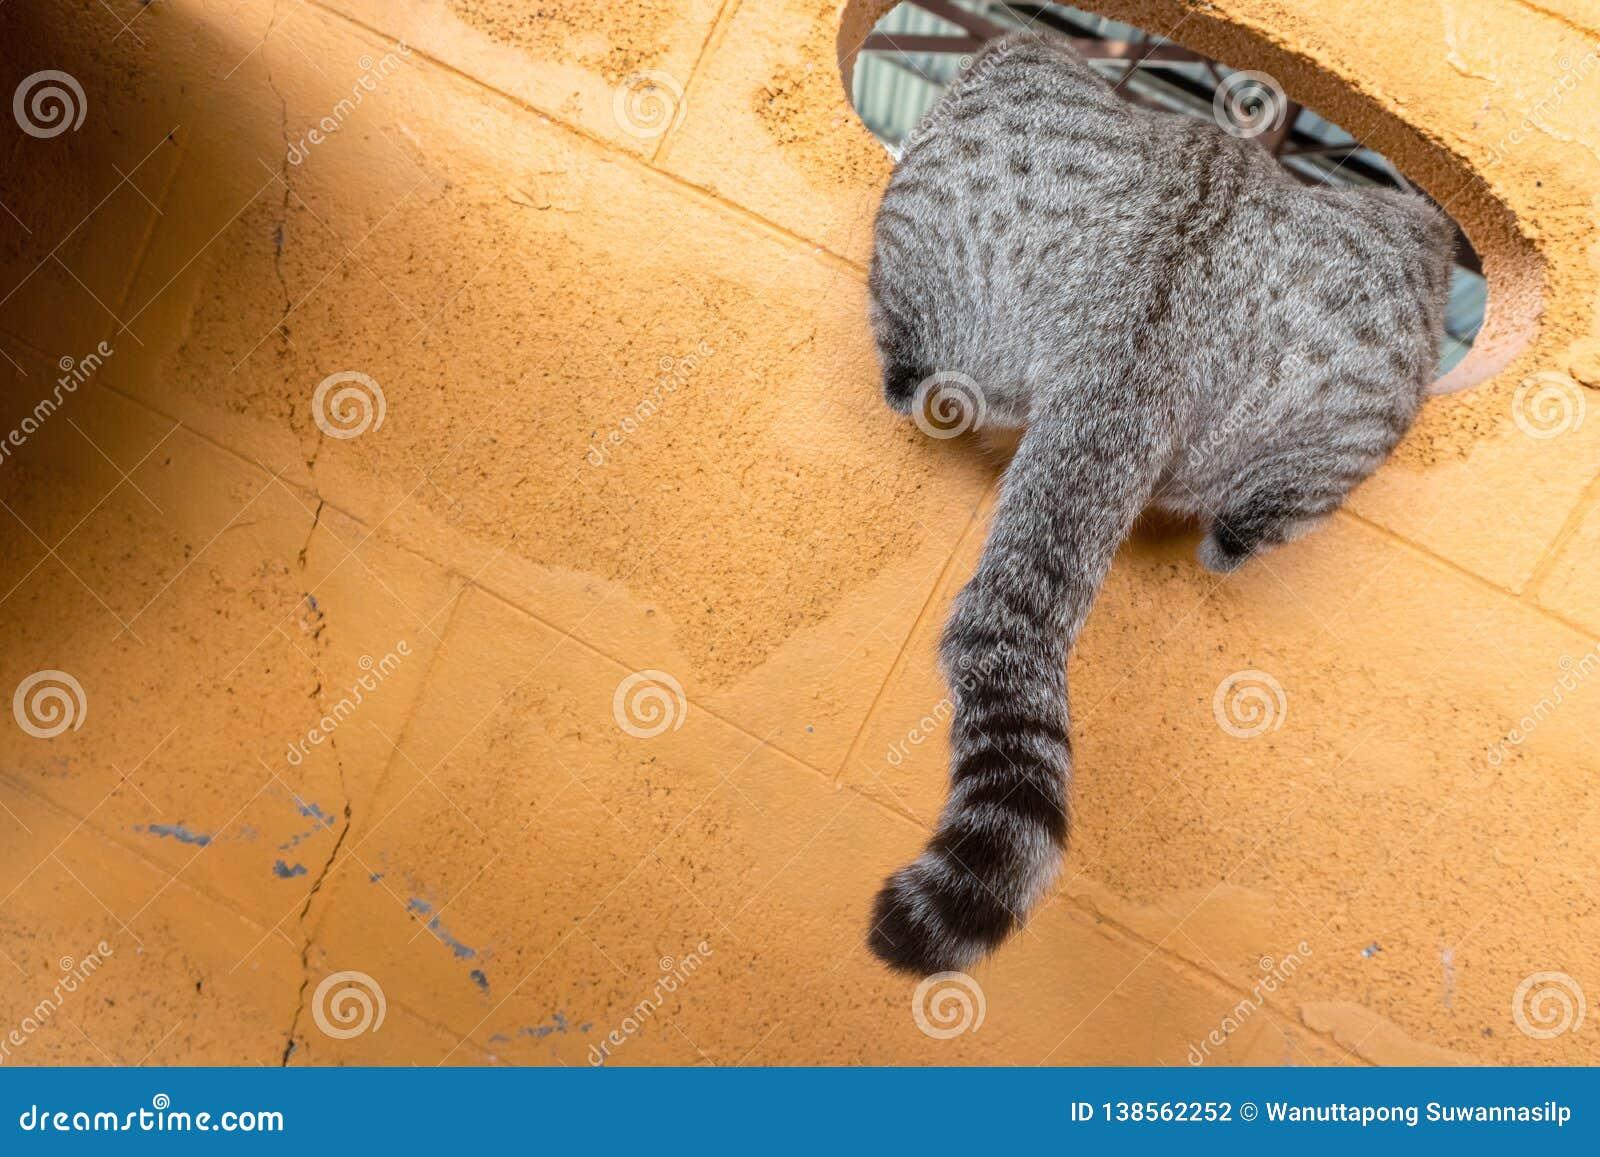 Kot figlarki kiciuni zwierzę domowe